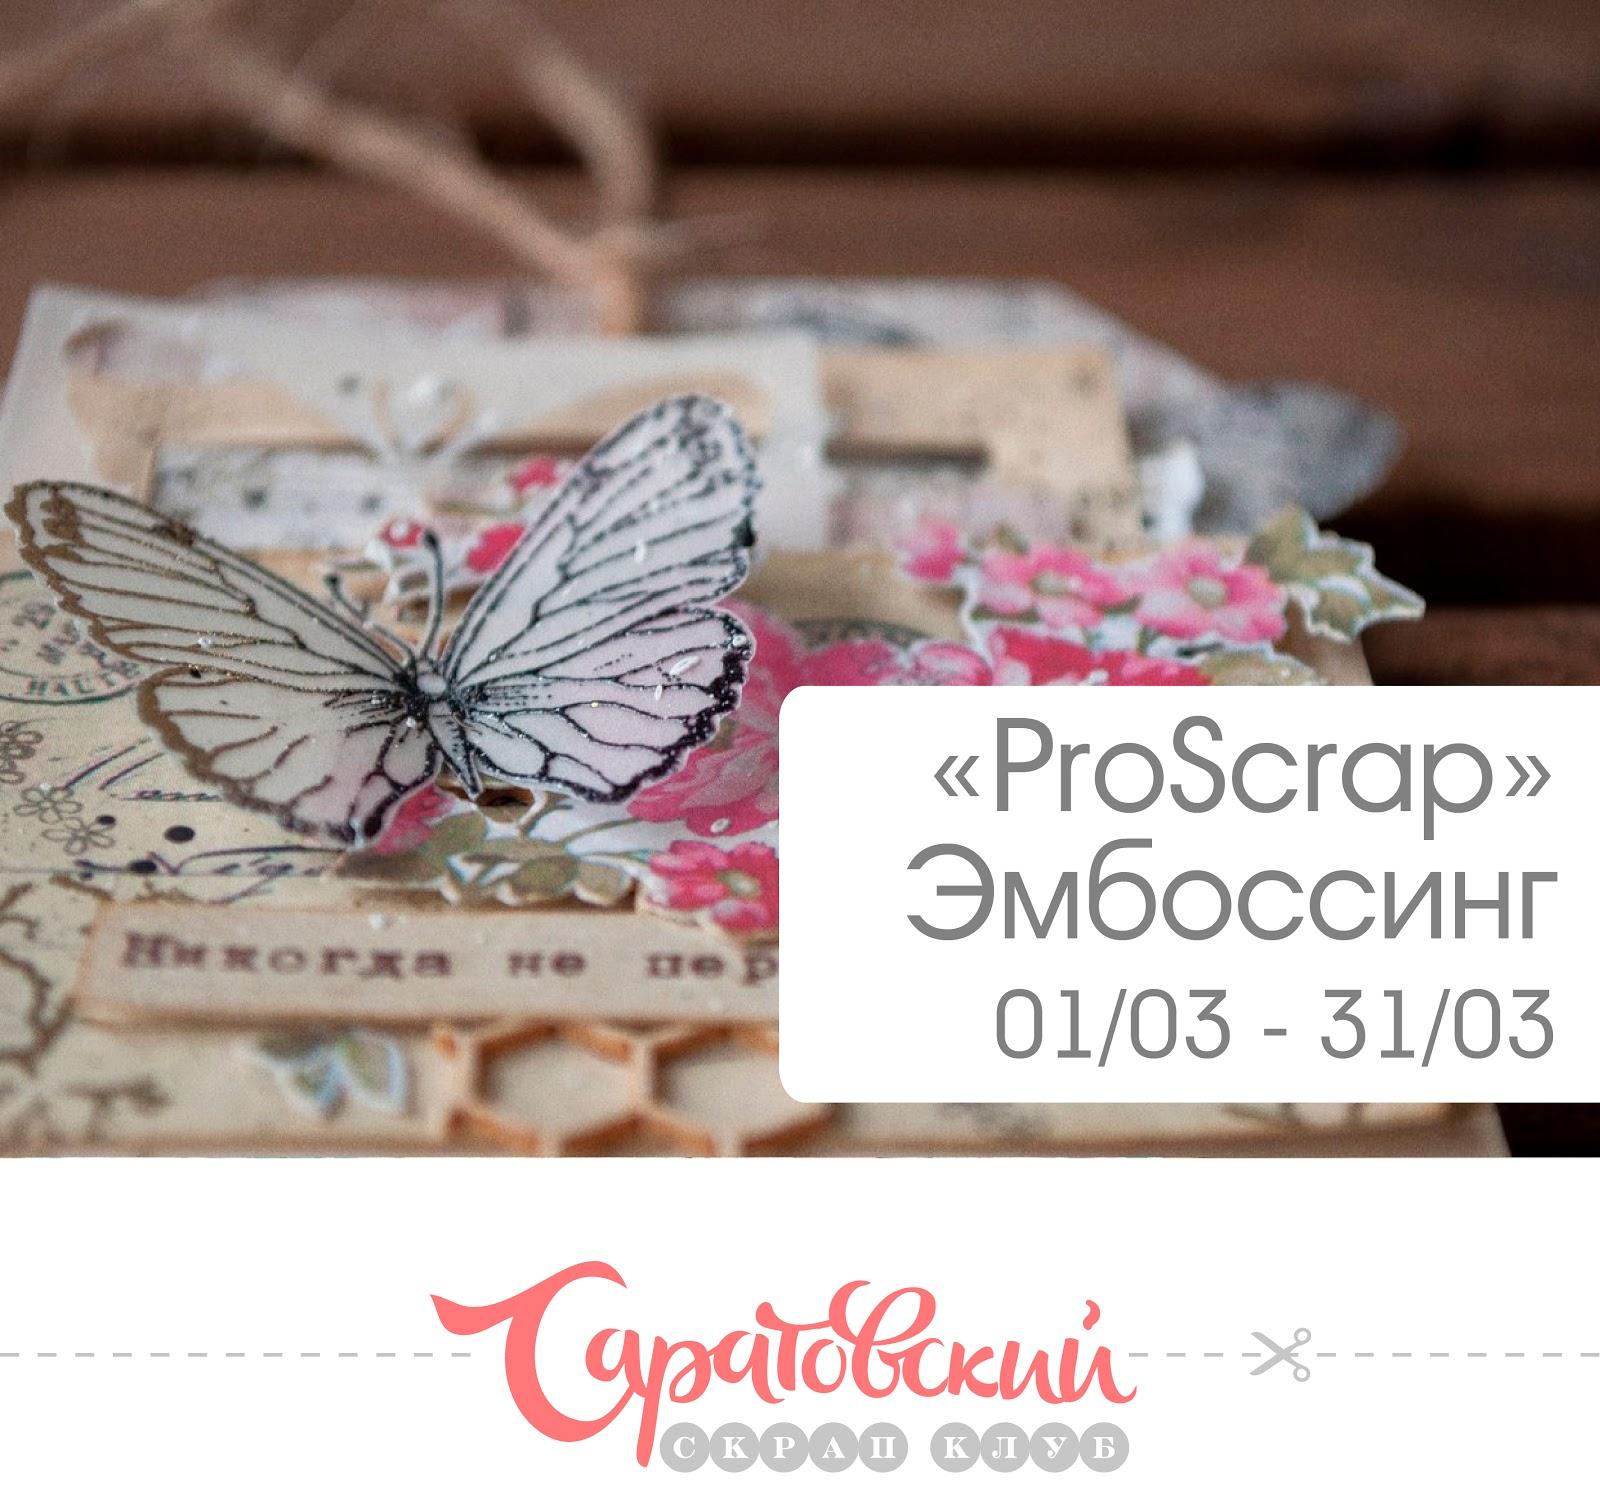 Задание от Саратовского Скрап Клуба до до 31 марта